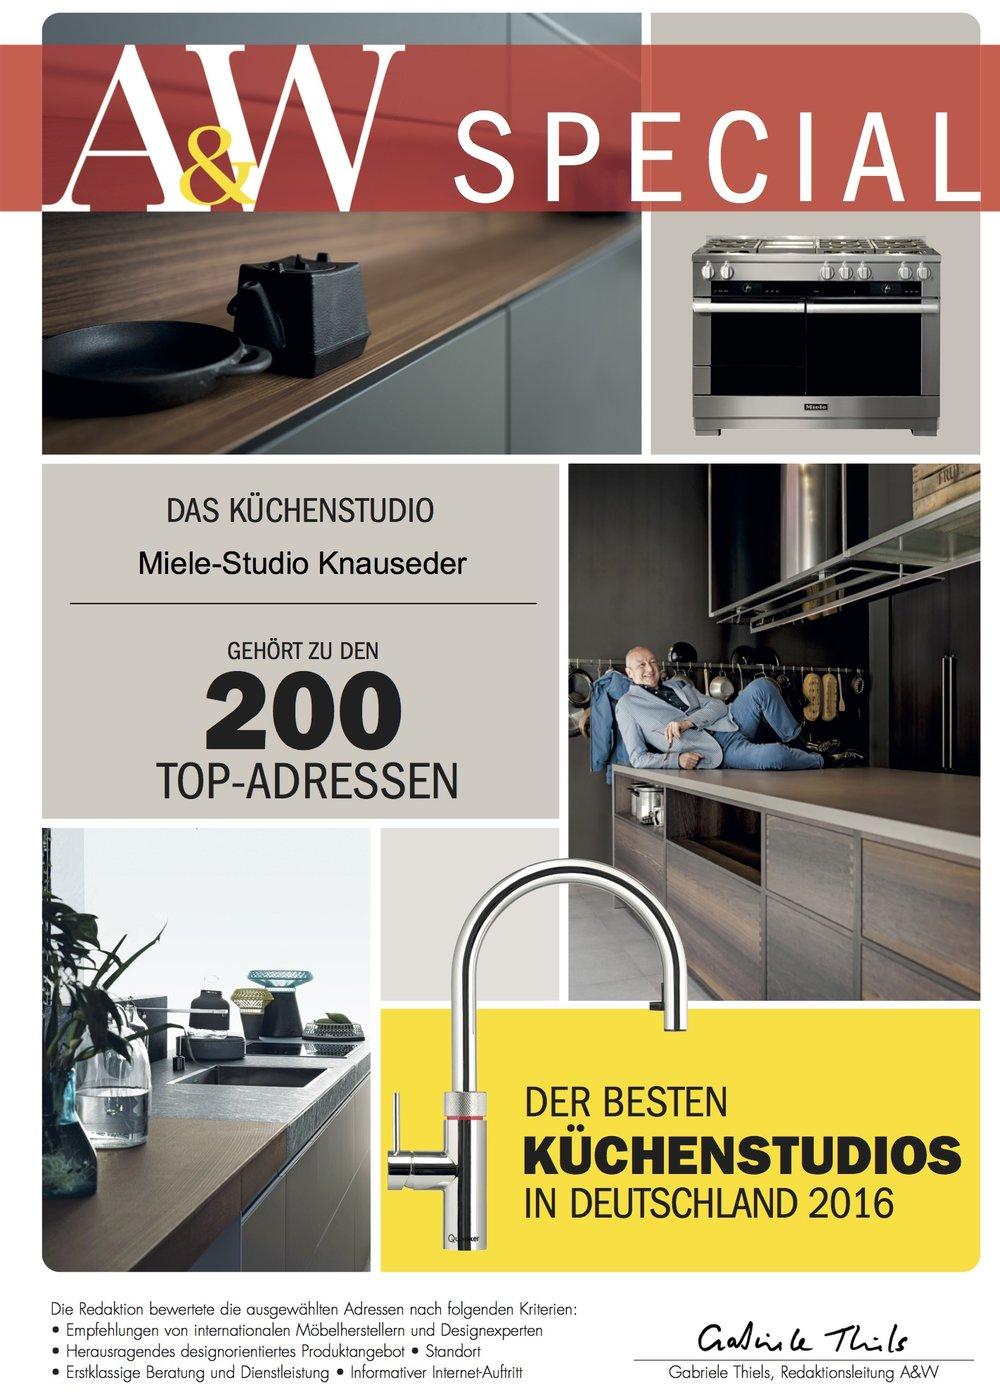 Unsere Kunden gehören zu den Besten in Deutschland